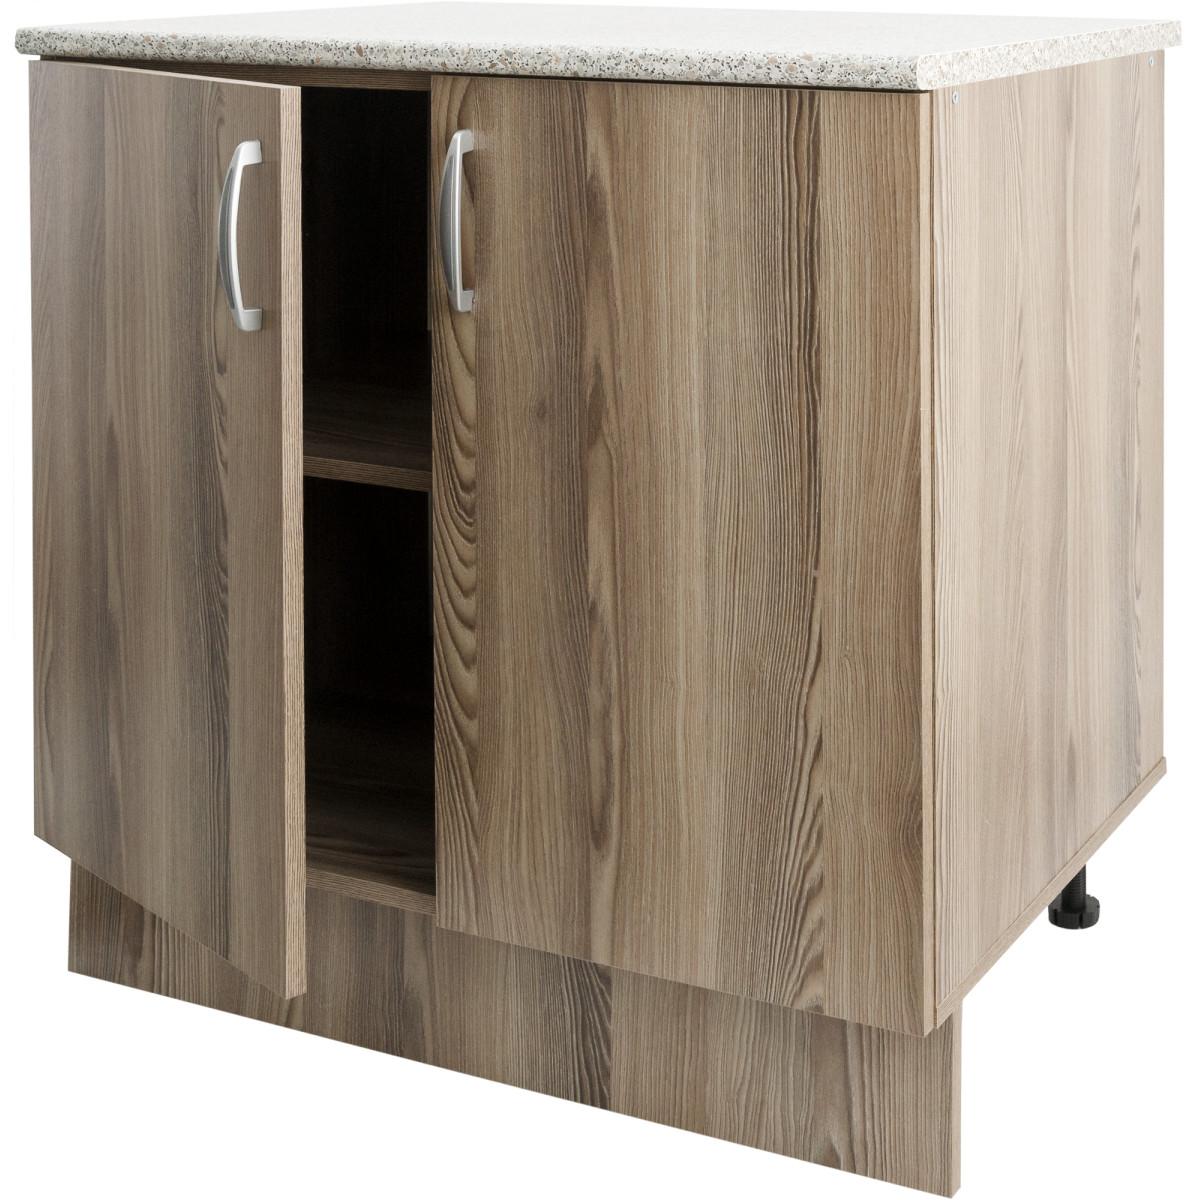 Шкаф напольный Delinia Дуб Шато Аква 80x85х60 см ЛДСП цвет коричневый